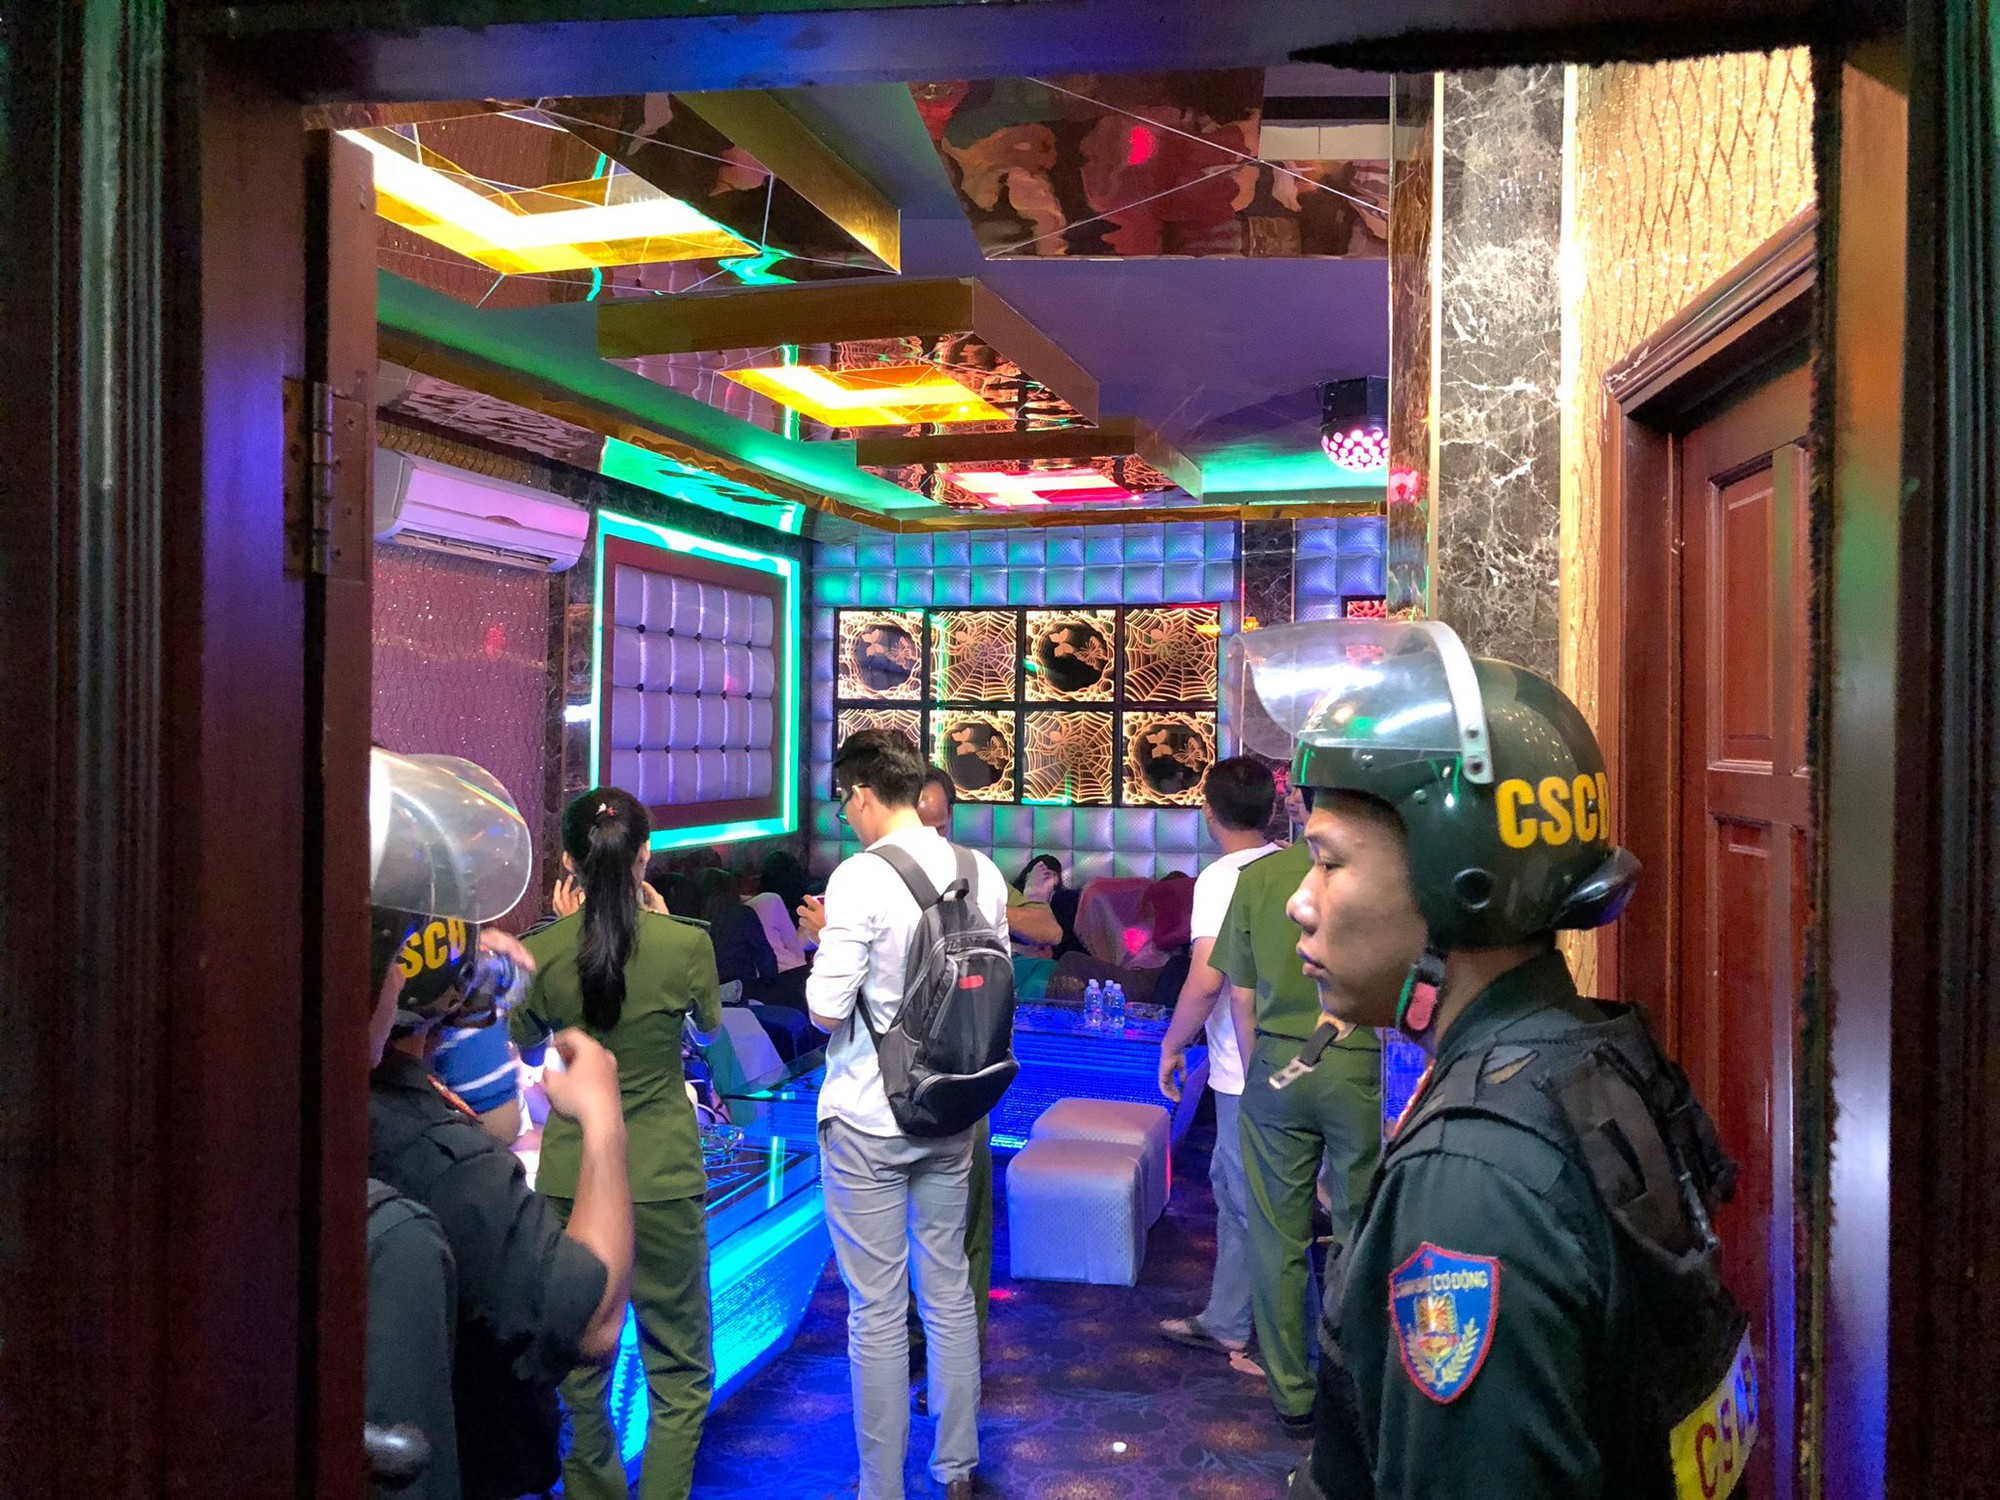 Đột kích quán karaoke, hơn 100 tiếp viên ăn mặc khiêu dâm chui vào phòng bí mật trốn công an kiểm tra - Ảnh 6.